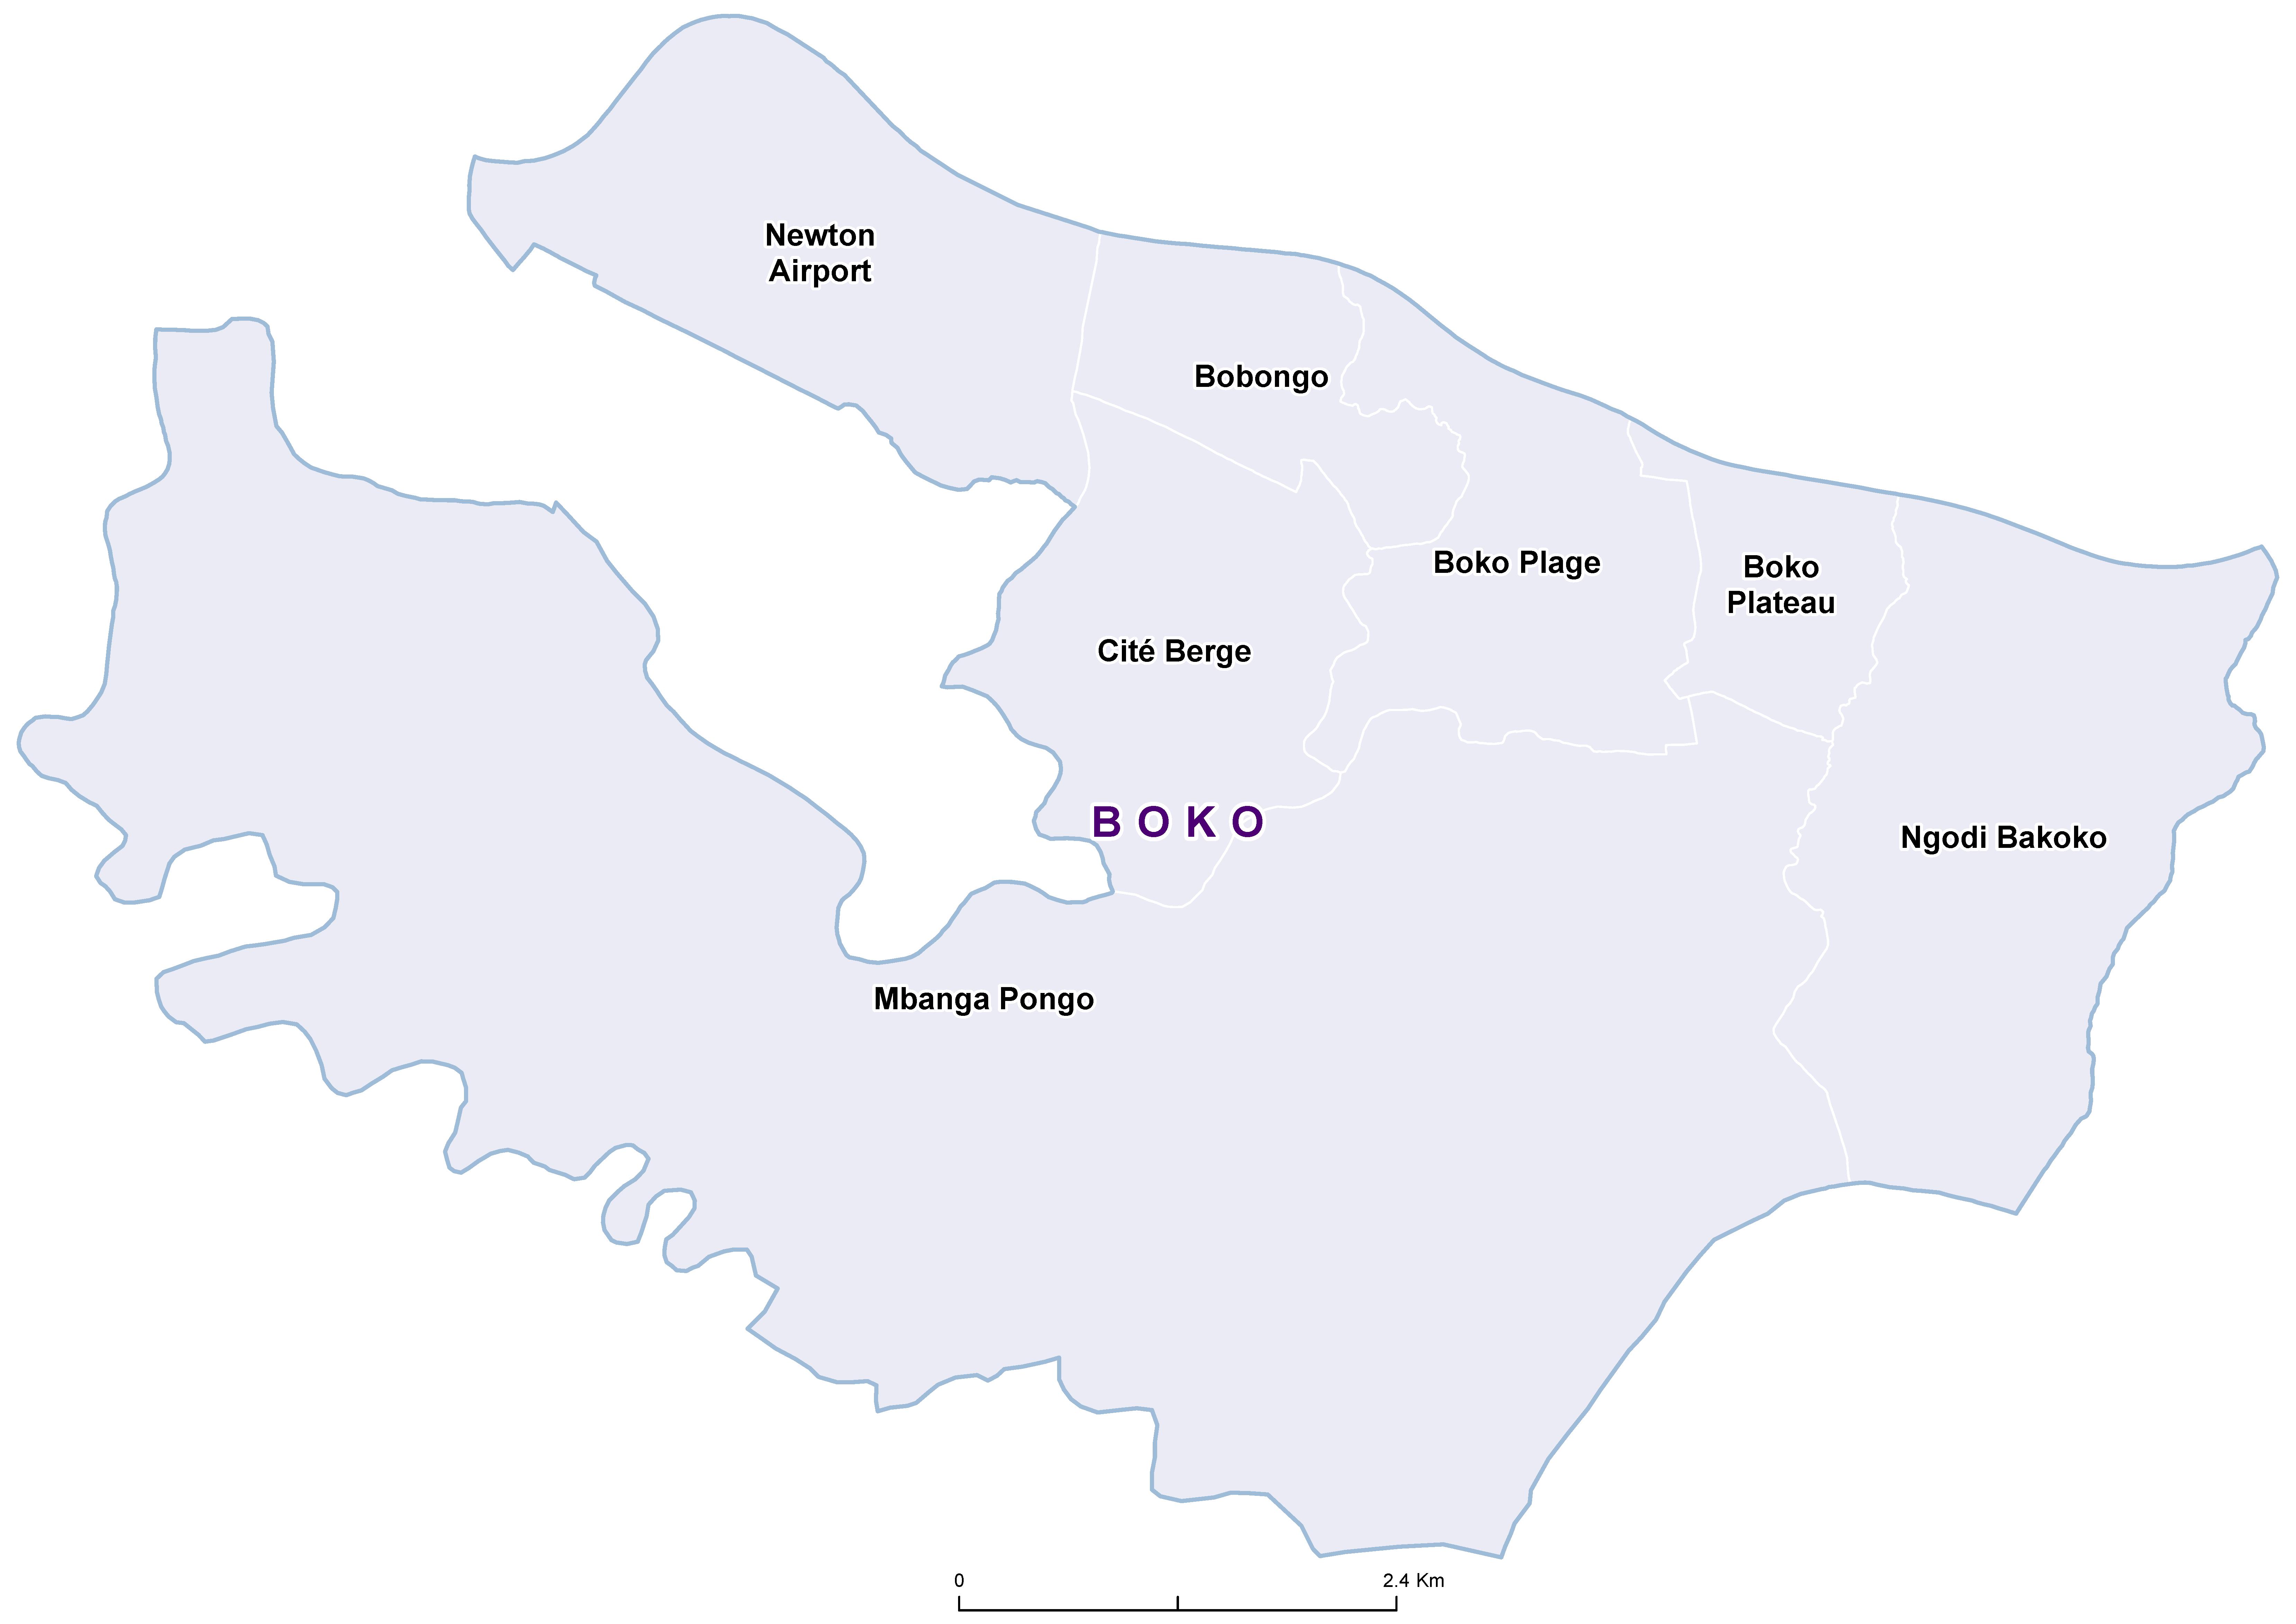 Boko STH 20180001